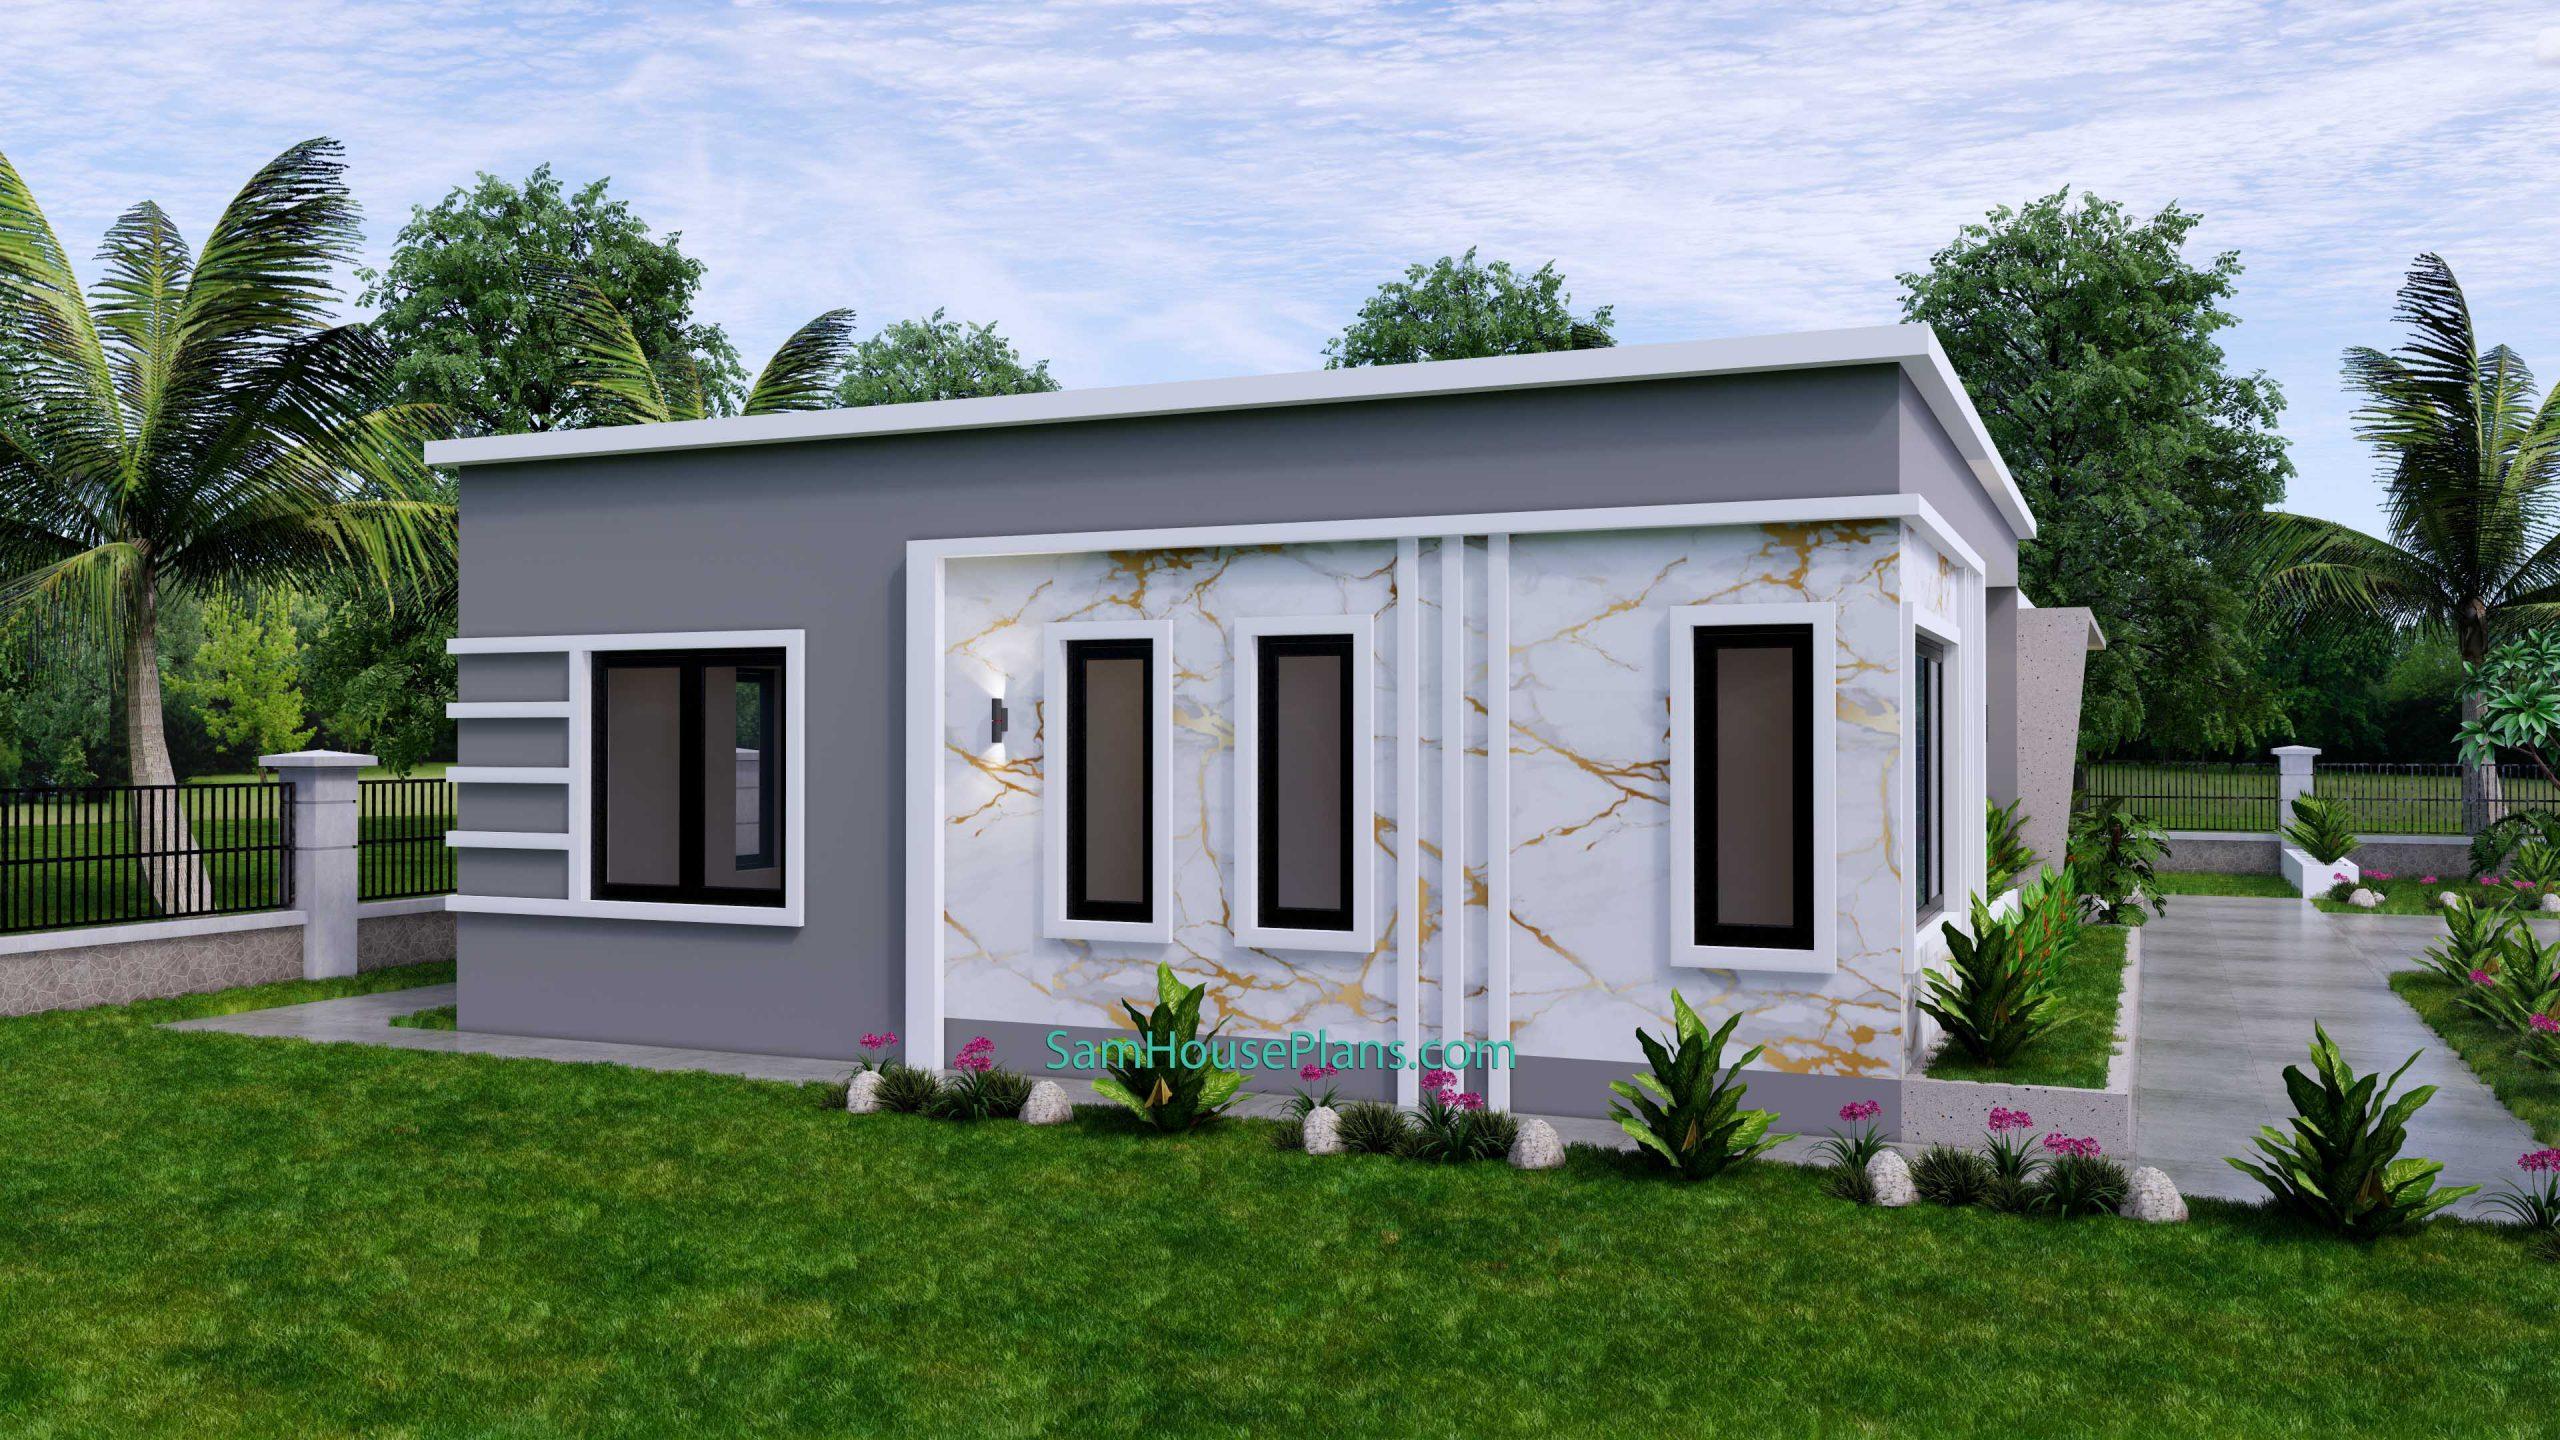 Modern House Design 15x9 M 49x30 Feet 3 Beds PDF Plan 3d view 4